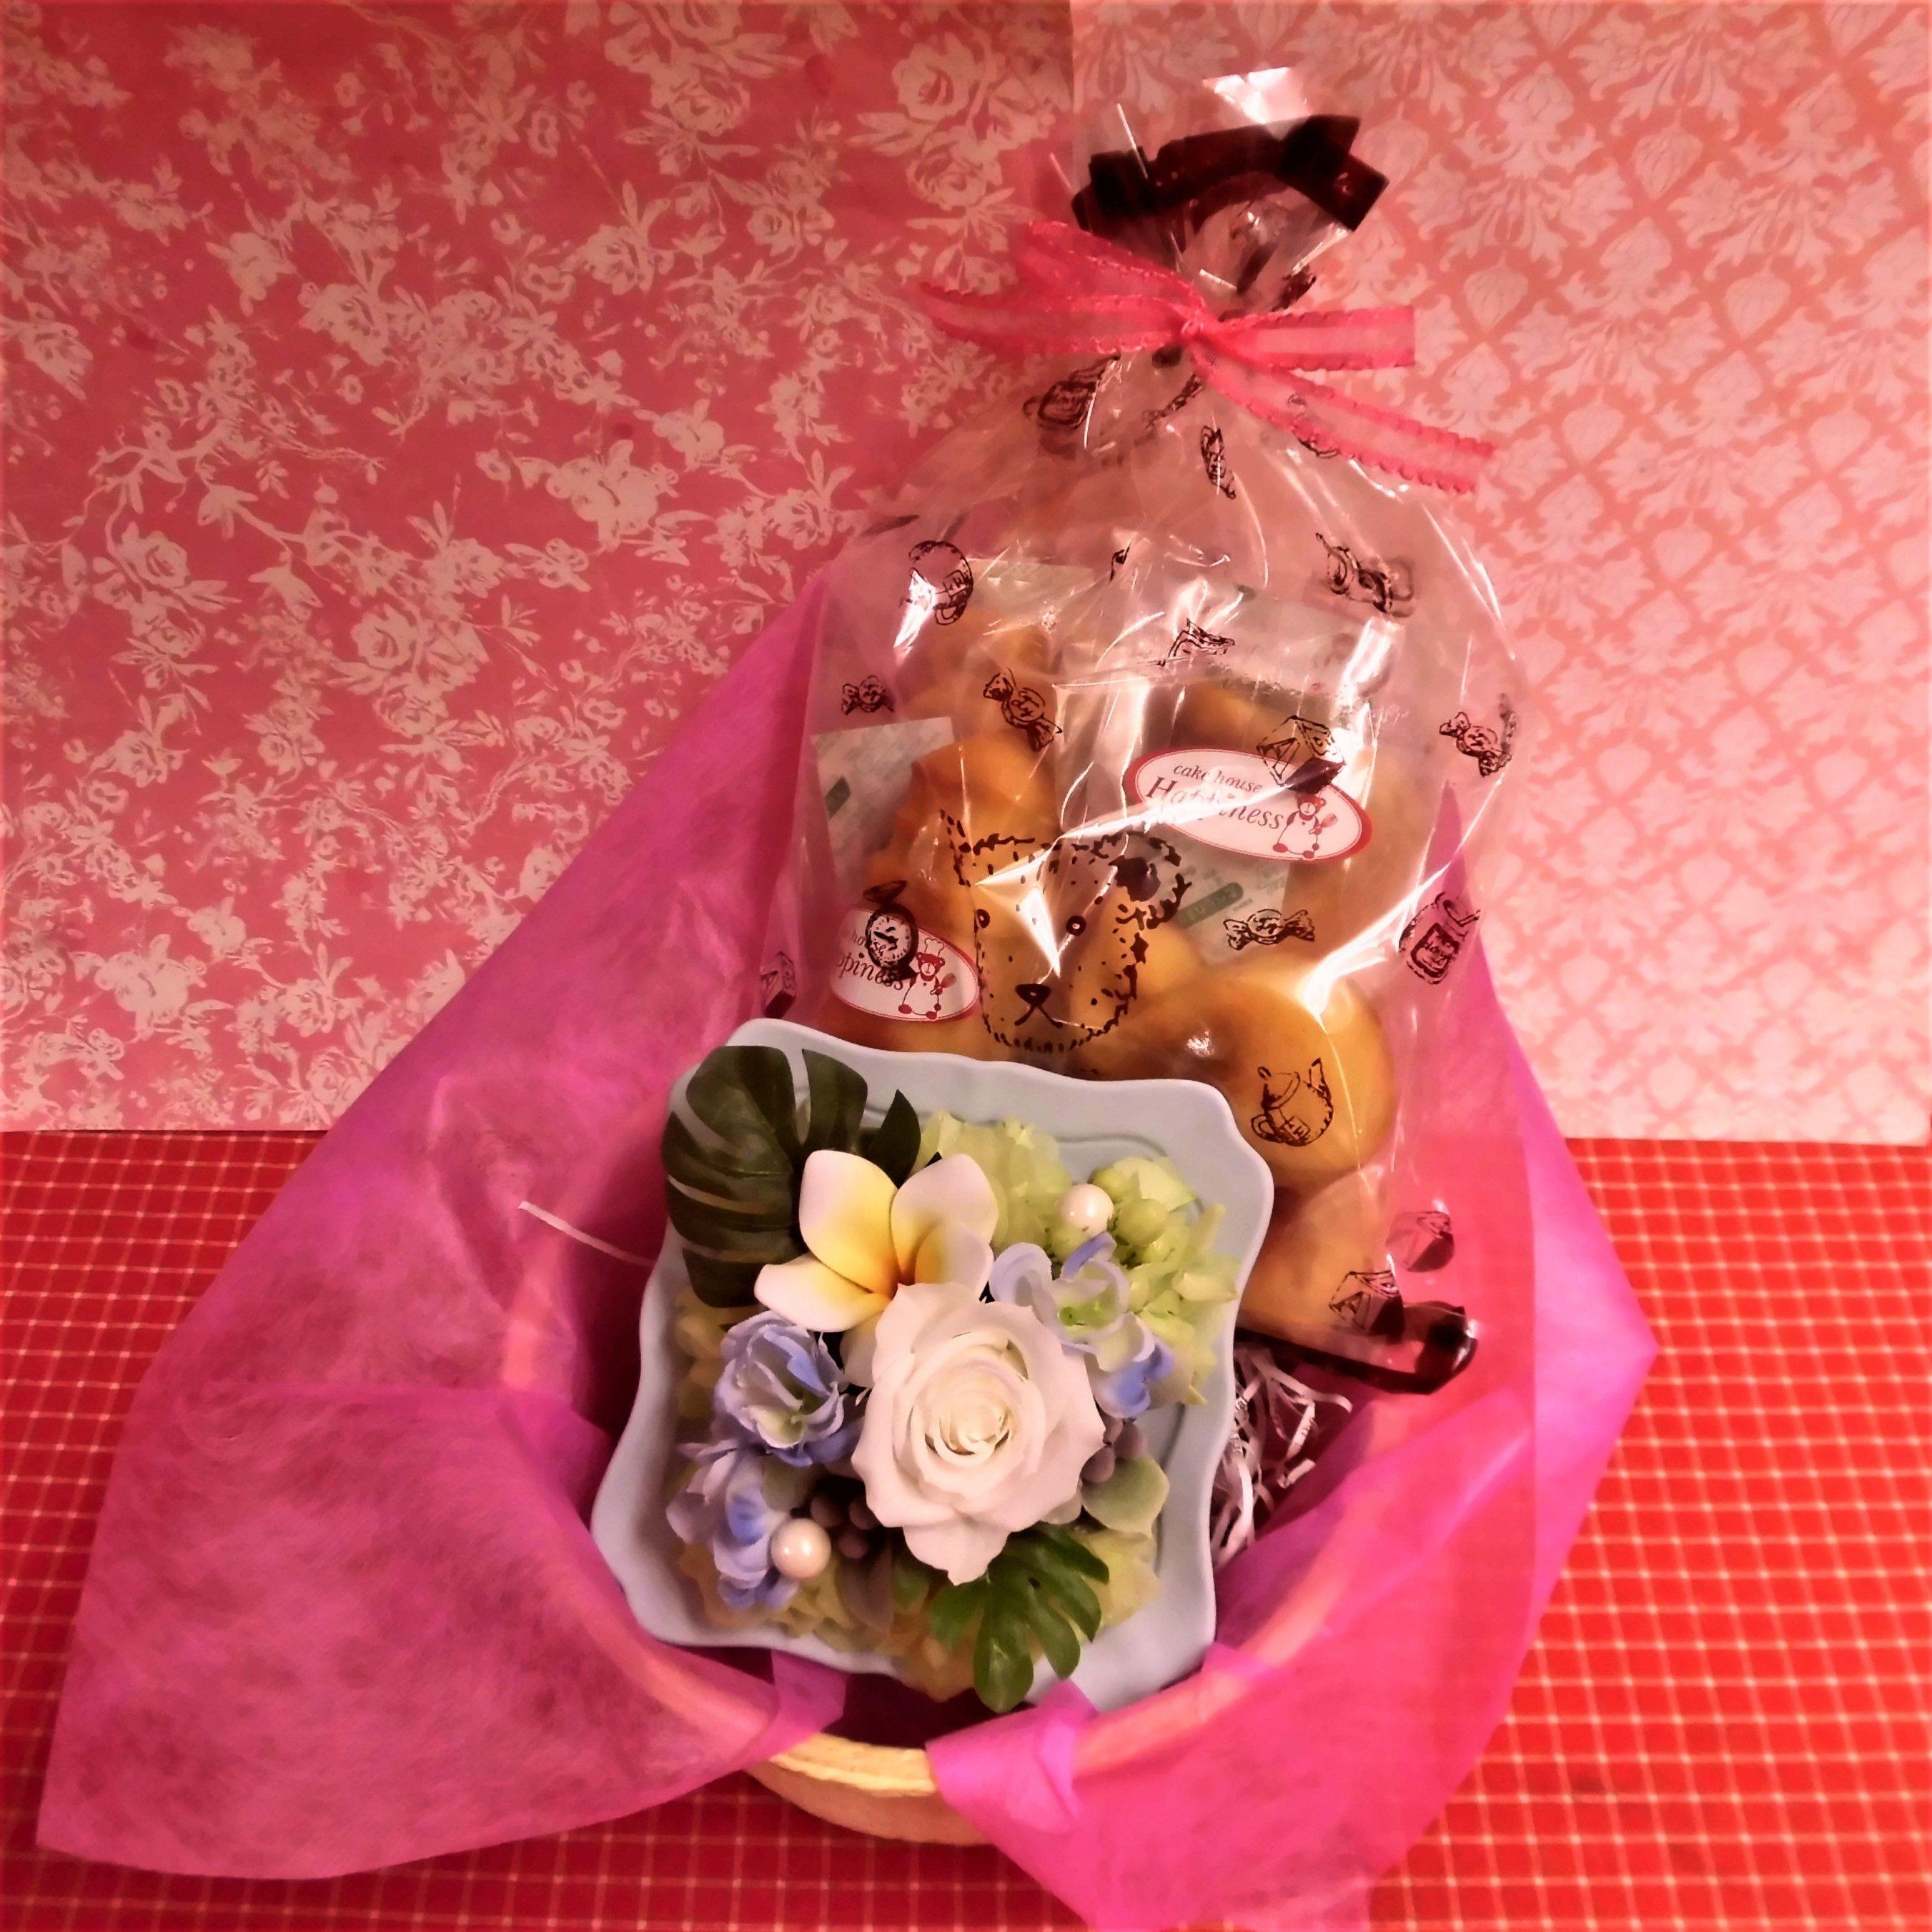 シャーベットカラーのフレームにアレンジした薔薇のプリザーブドフラワーと野菜や果物を使った焼き菓子8袋のセット♪  のコピー  のコピー